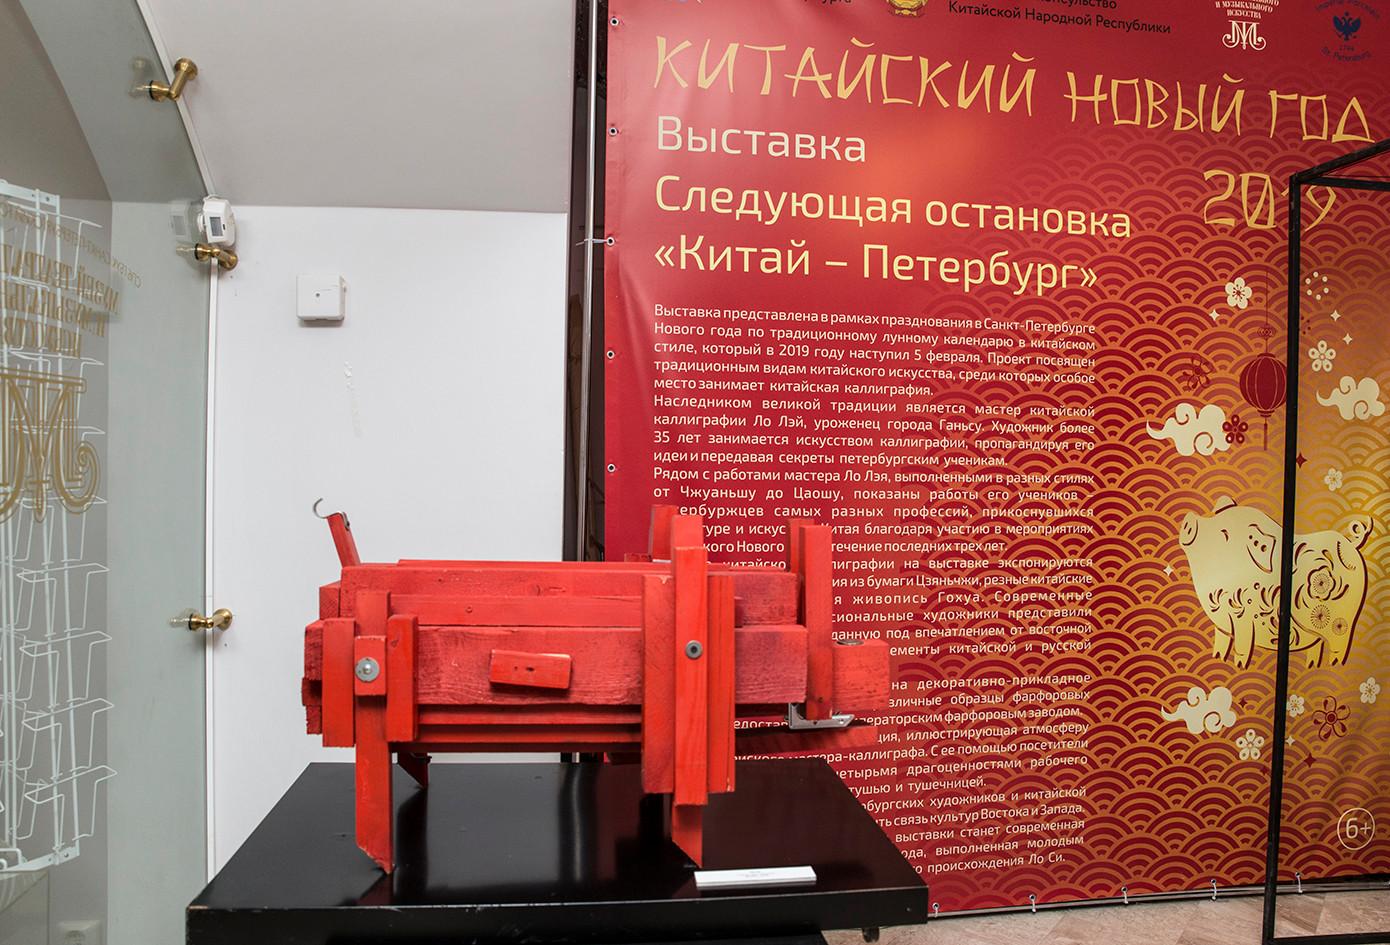 Экспозиция выставки Следующая остановка